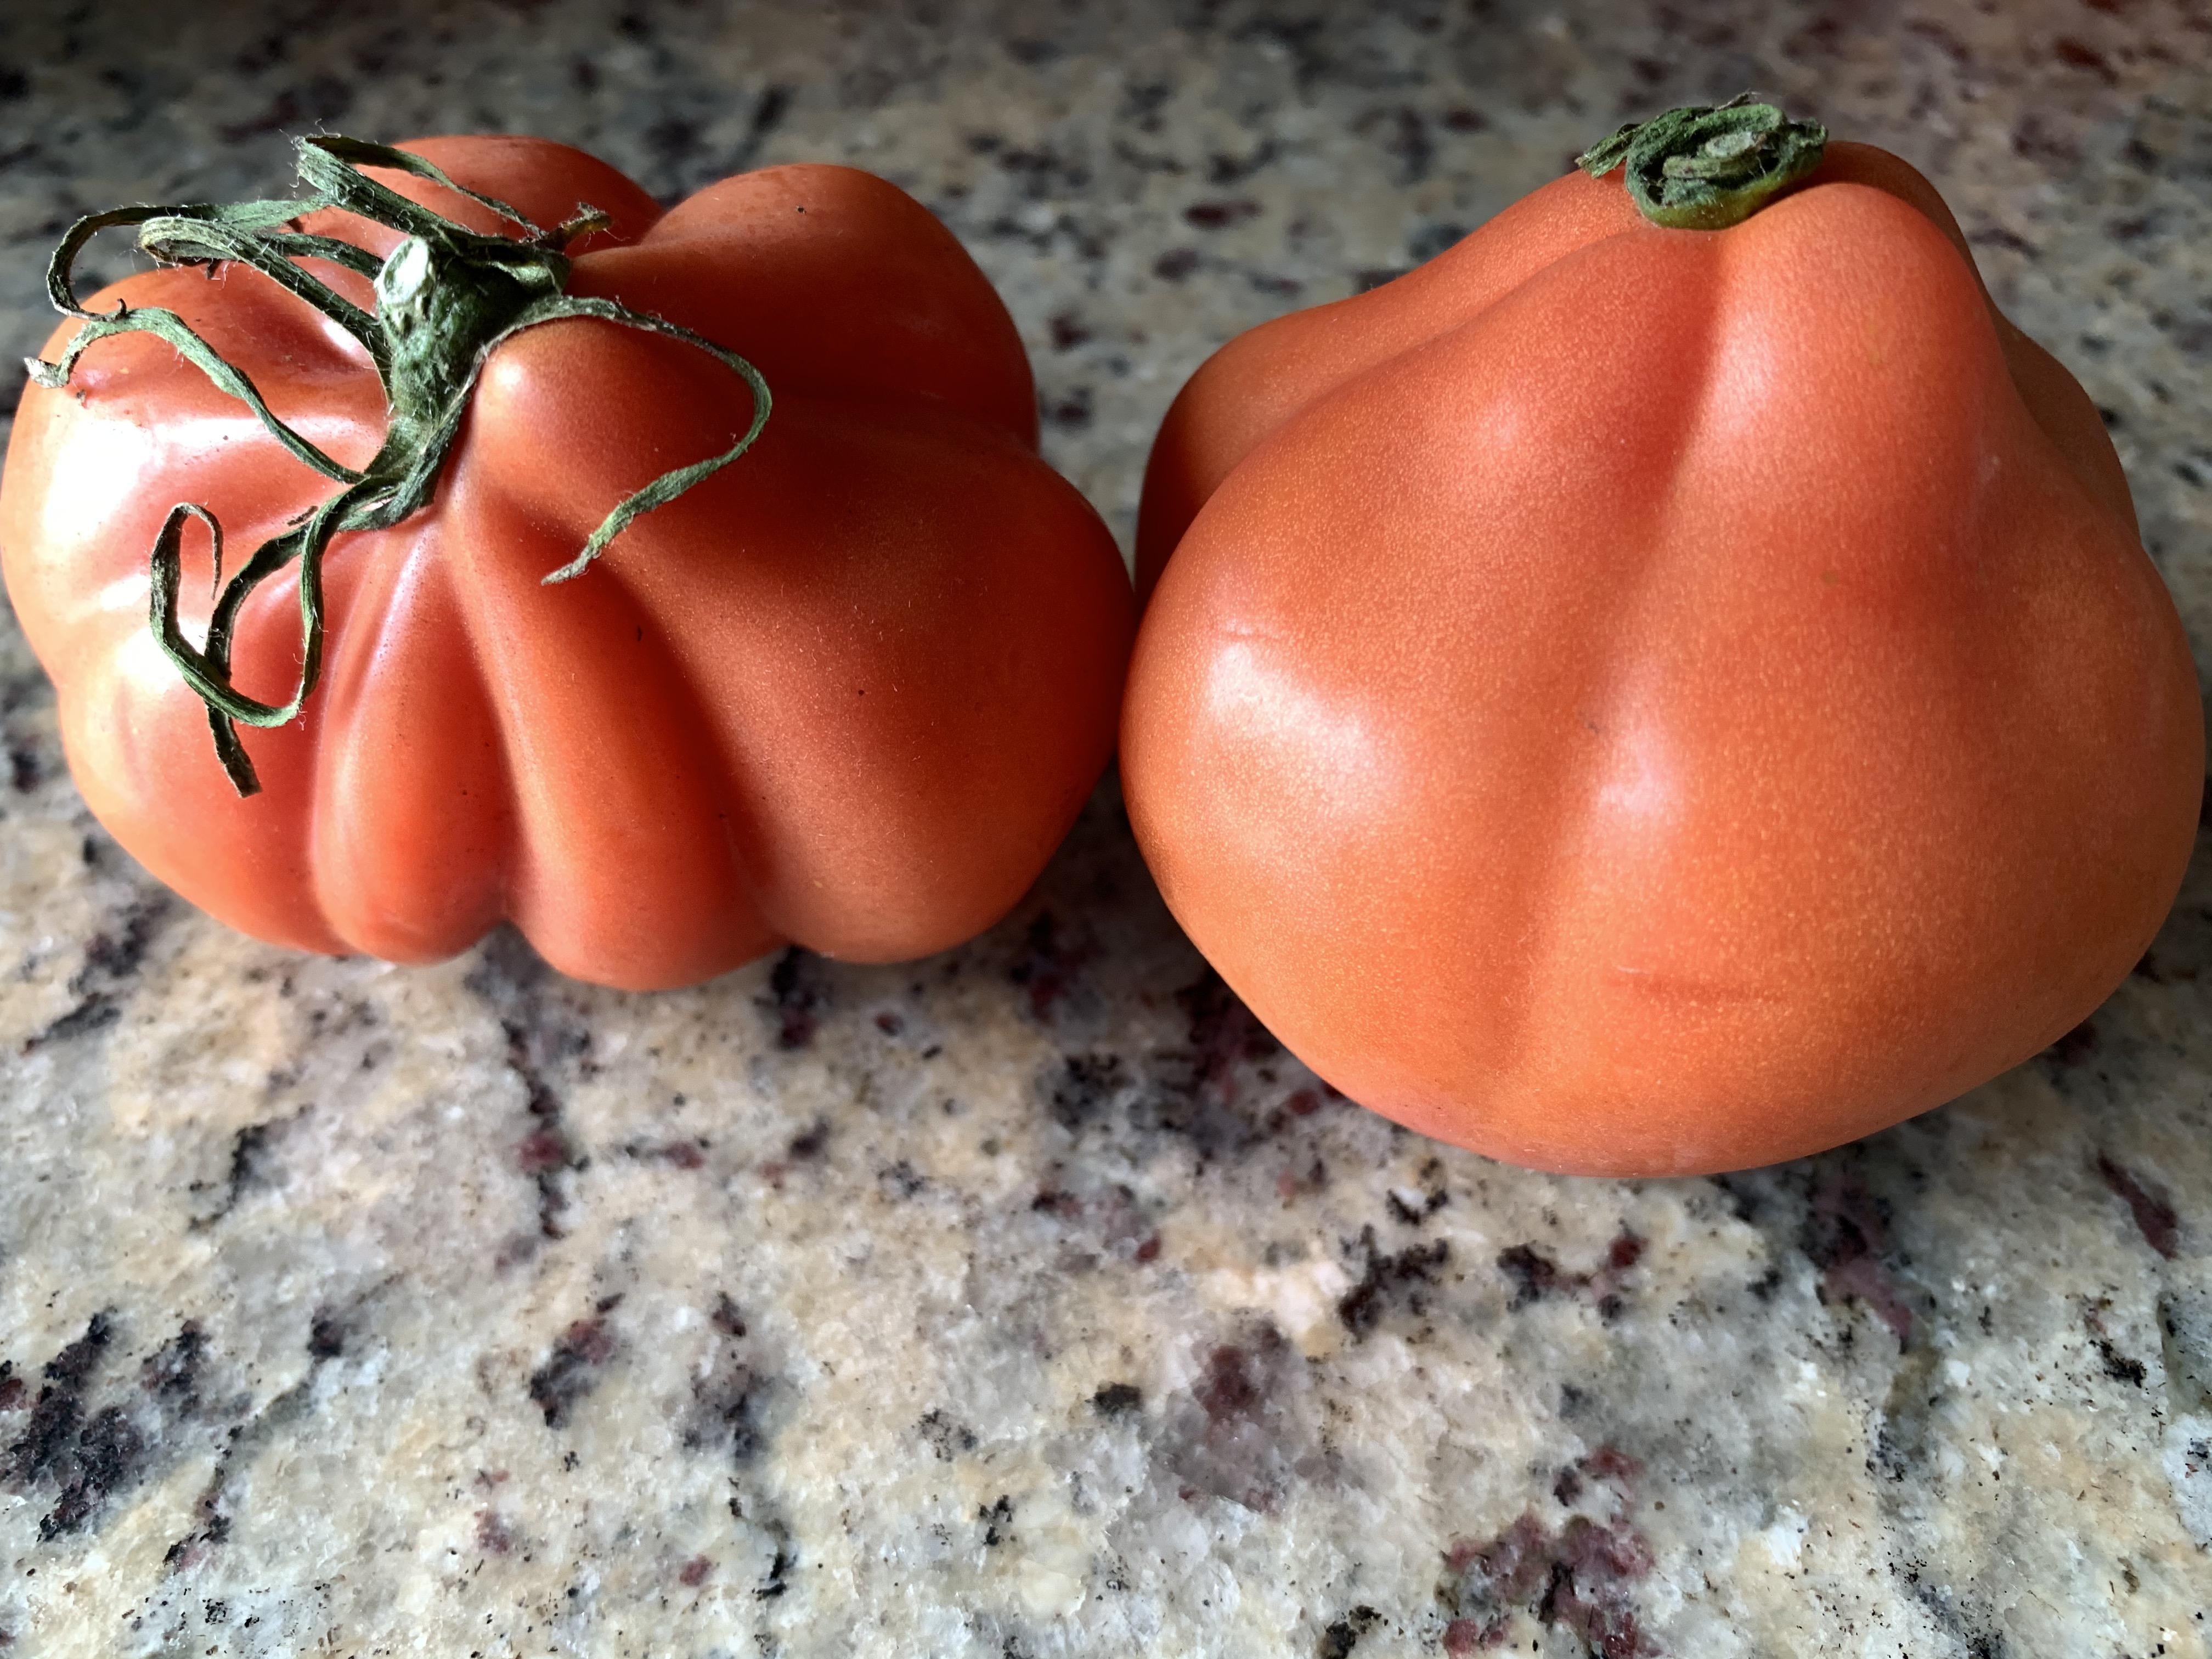 中村さんのフルーツトマトと料理用トマト「牛の心臓」が新登場!